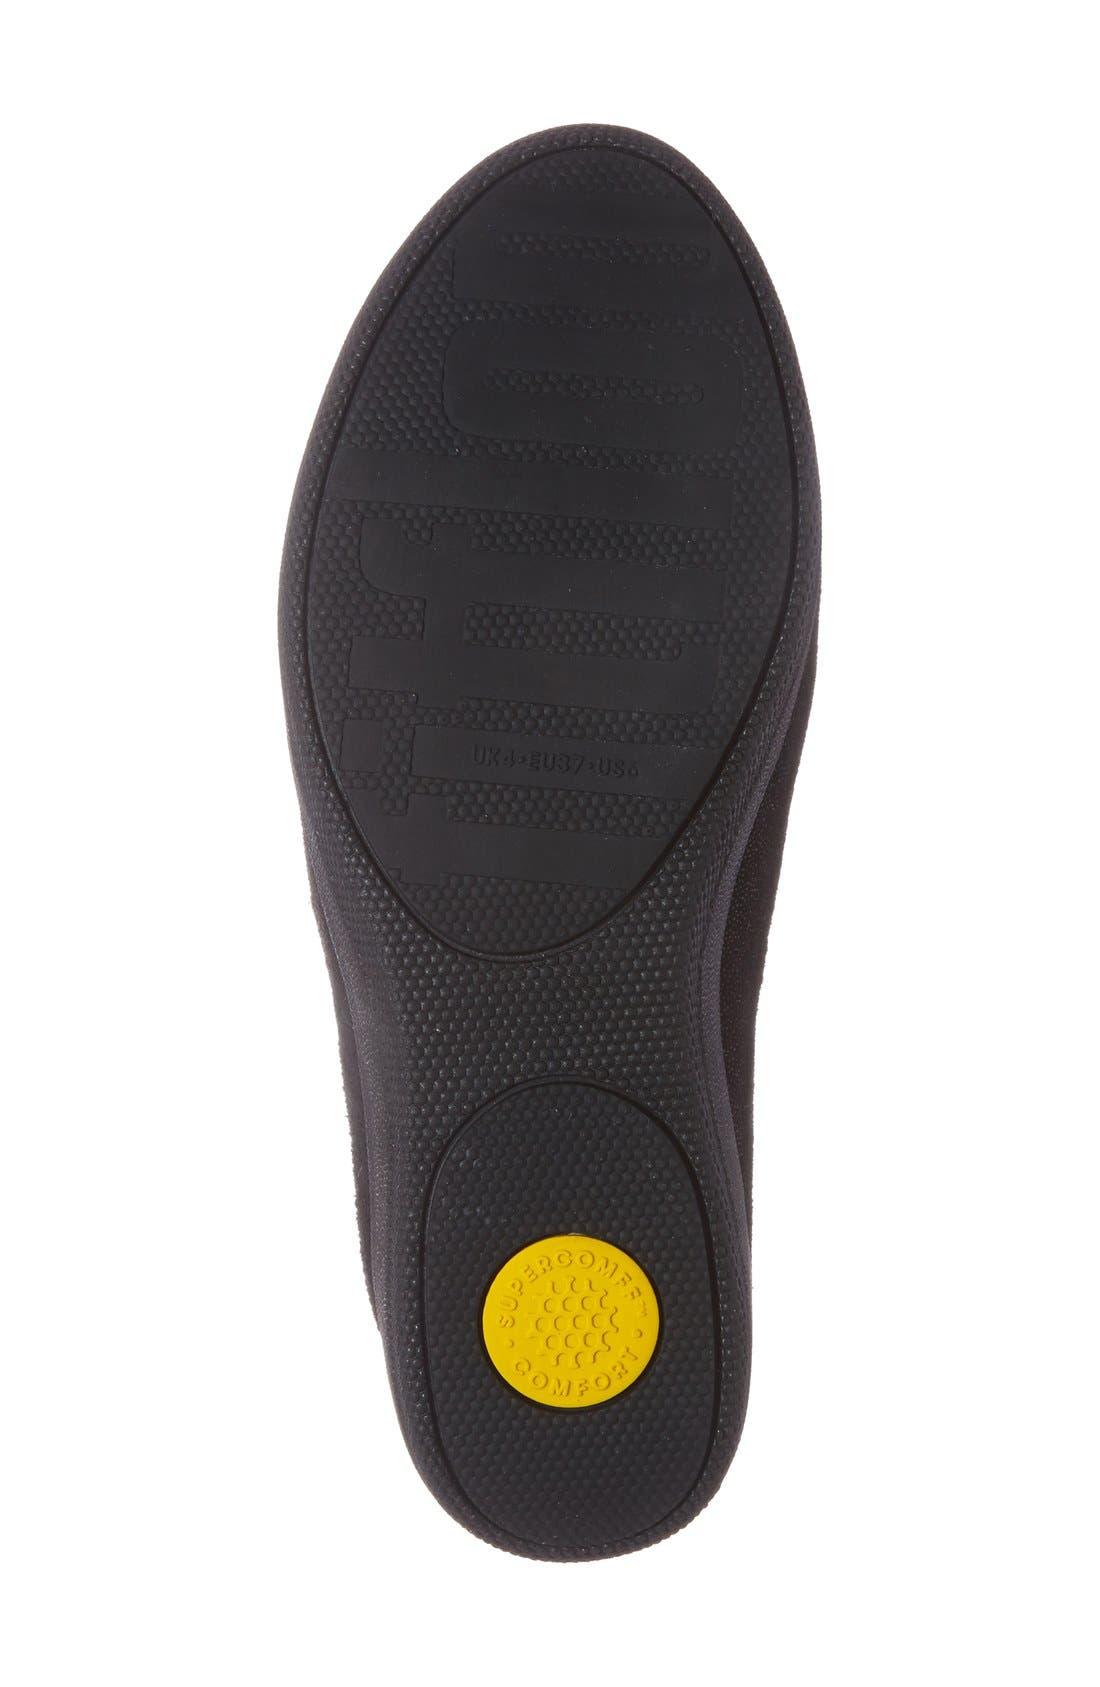 Tassle Superskate Wedge Sneaker,                             Alternate thumbnail 11, color,